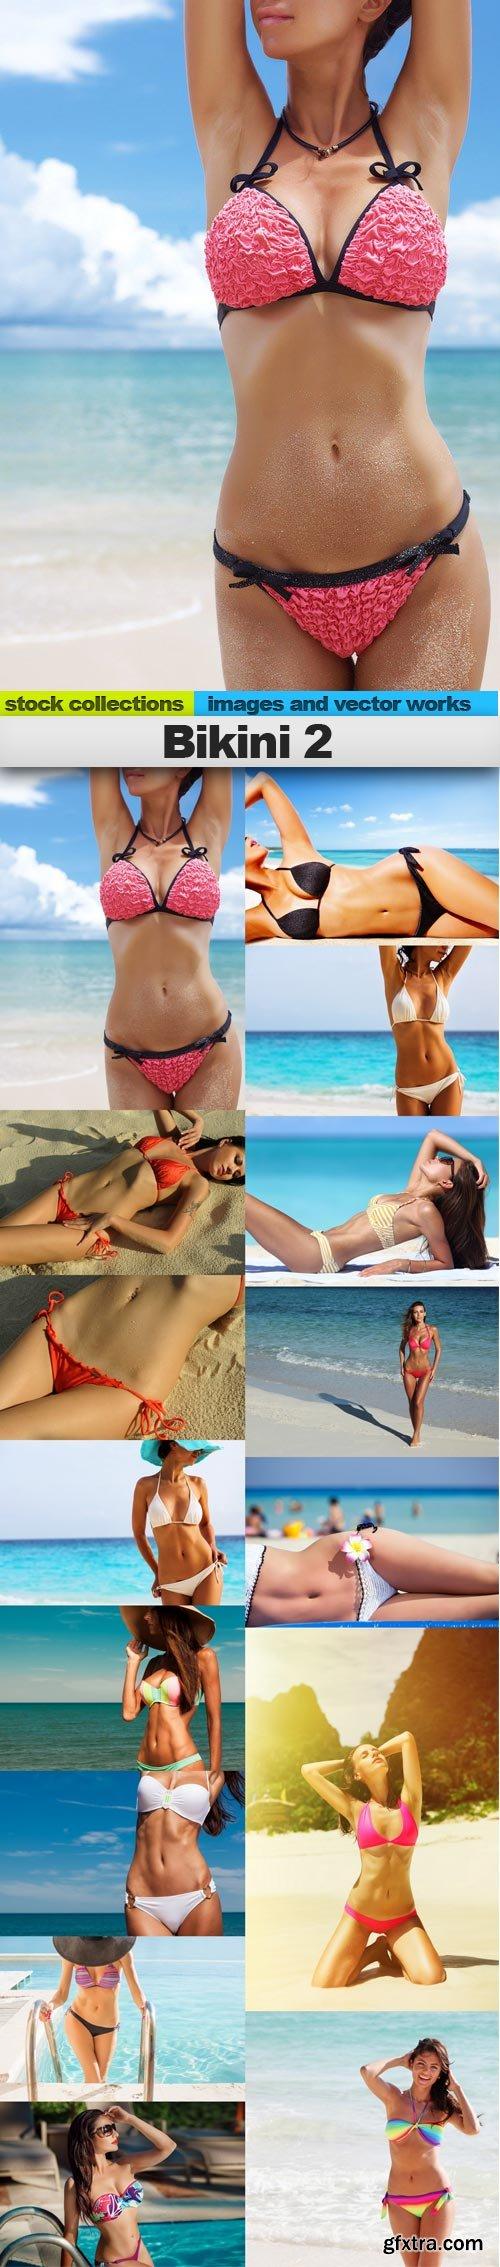 Bikini 2, 15 x UHQ JPEG